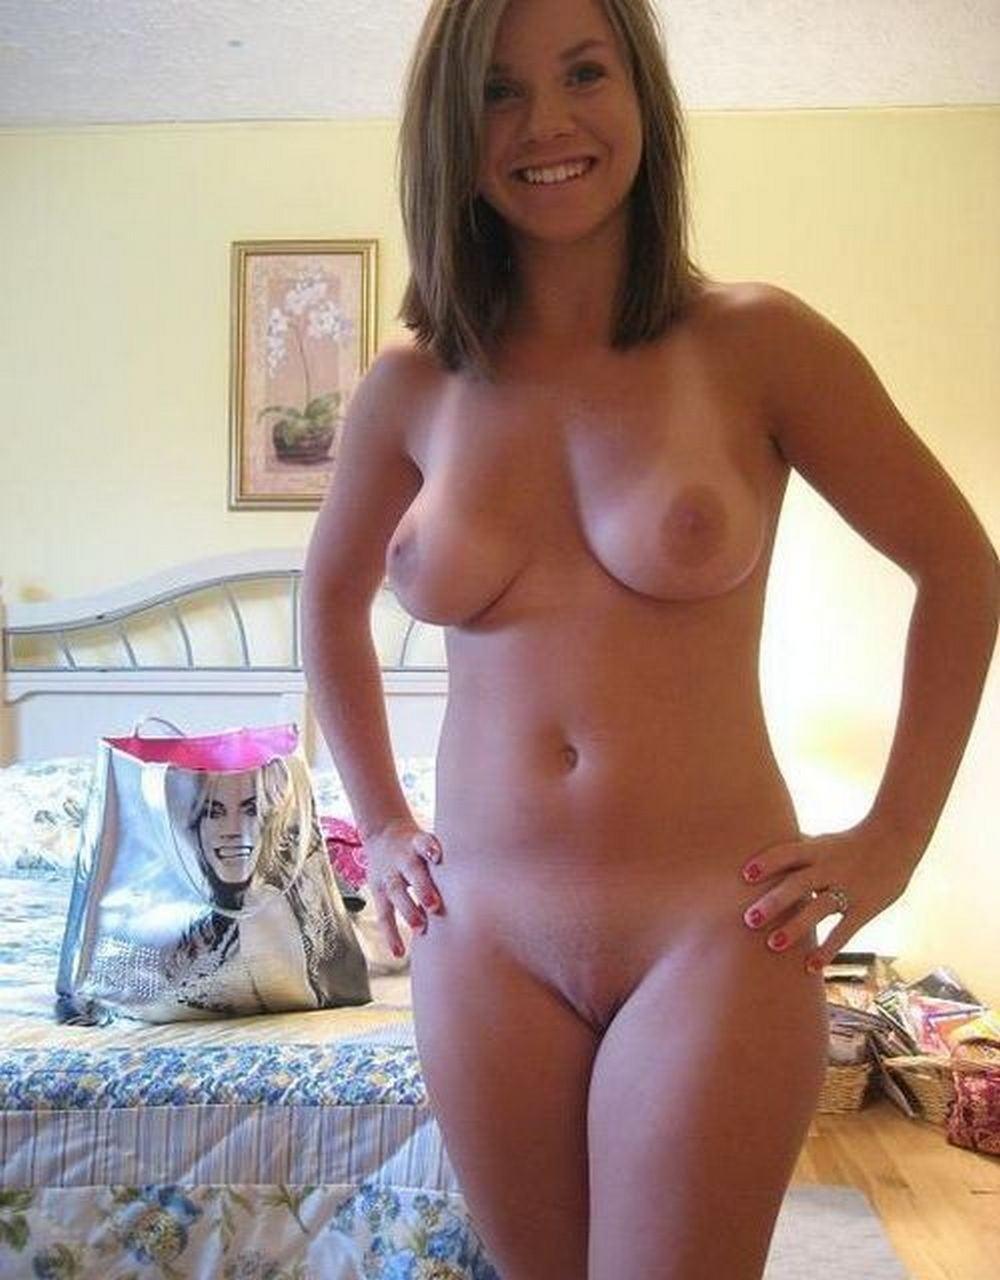 Colegiala desnudo en su habitación